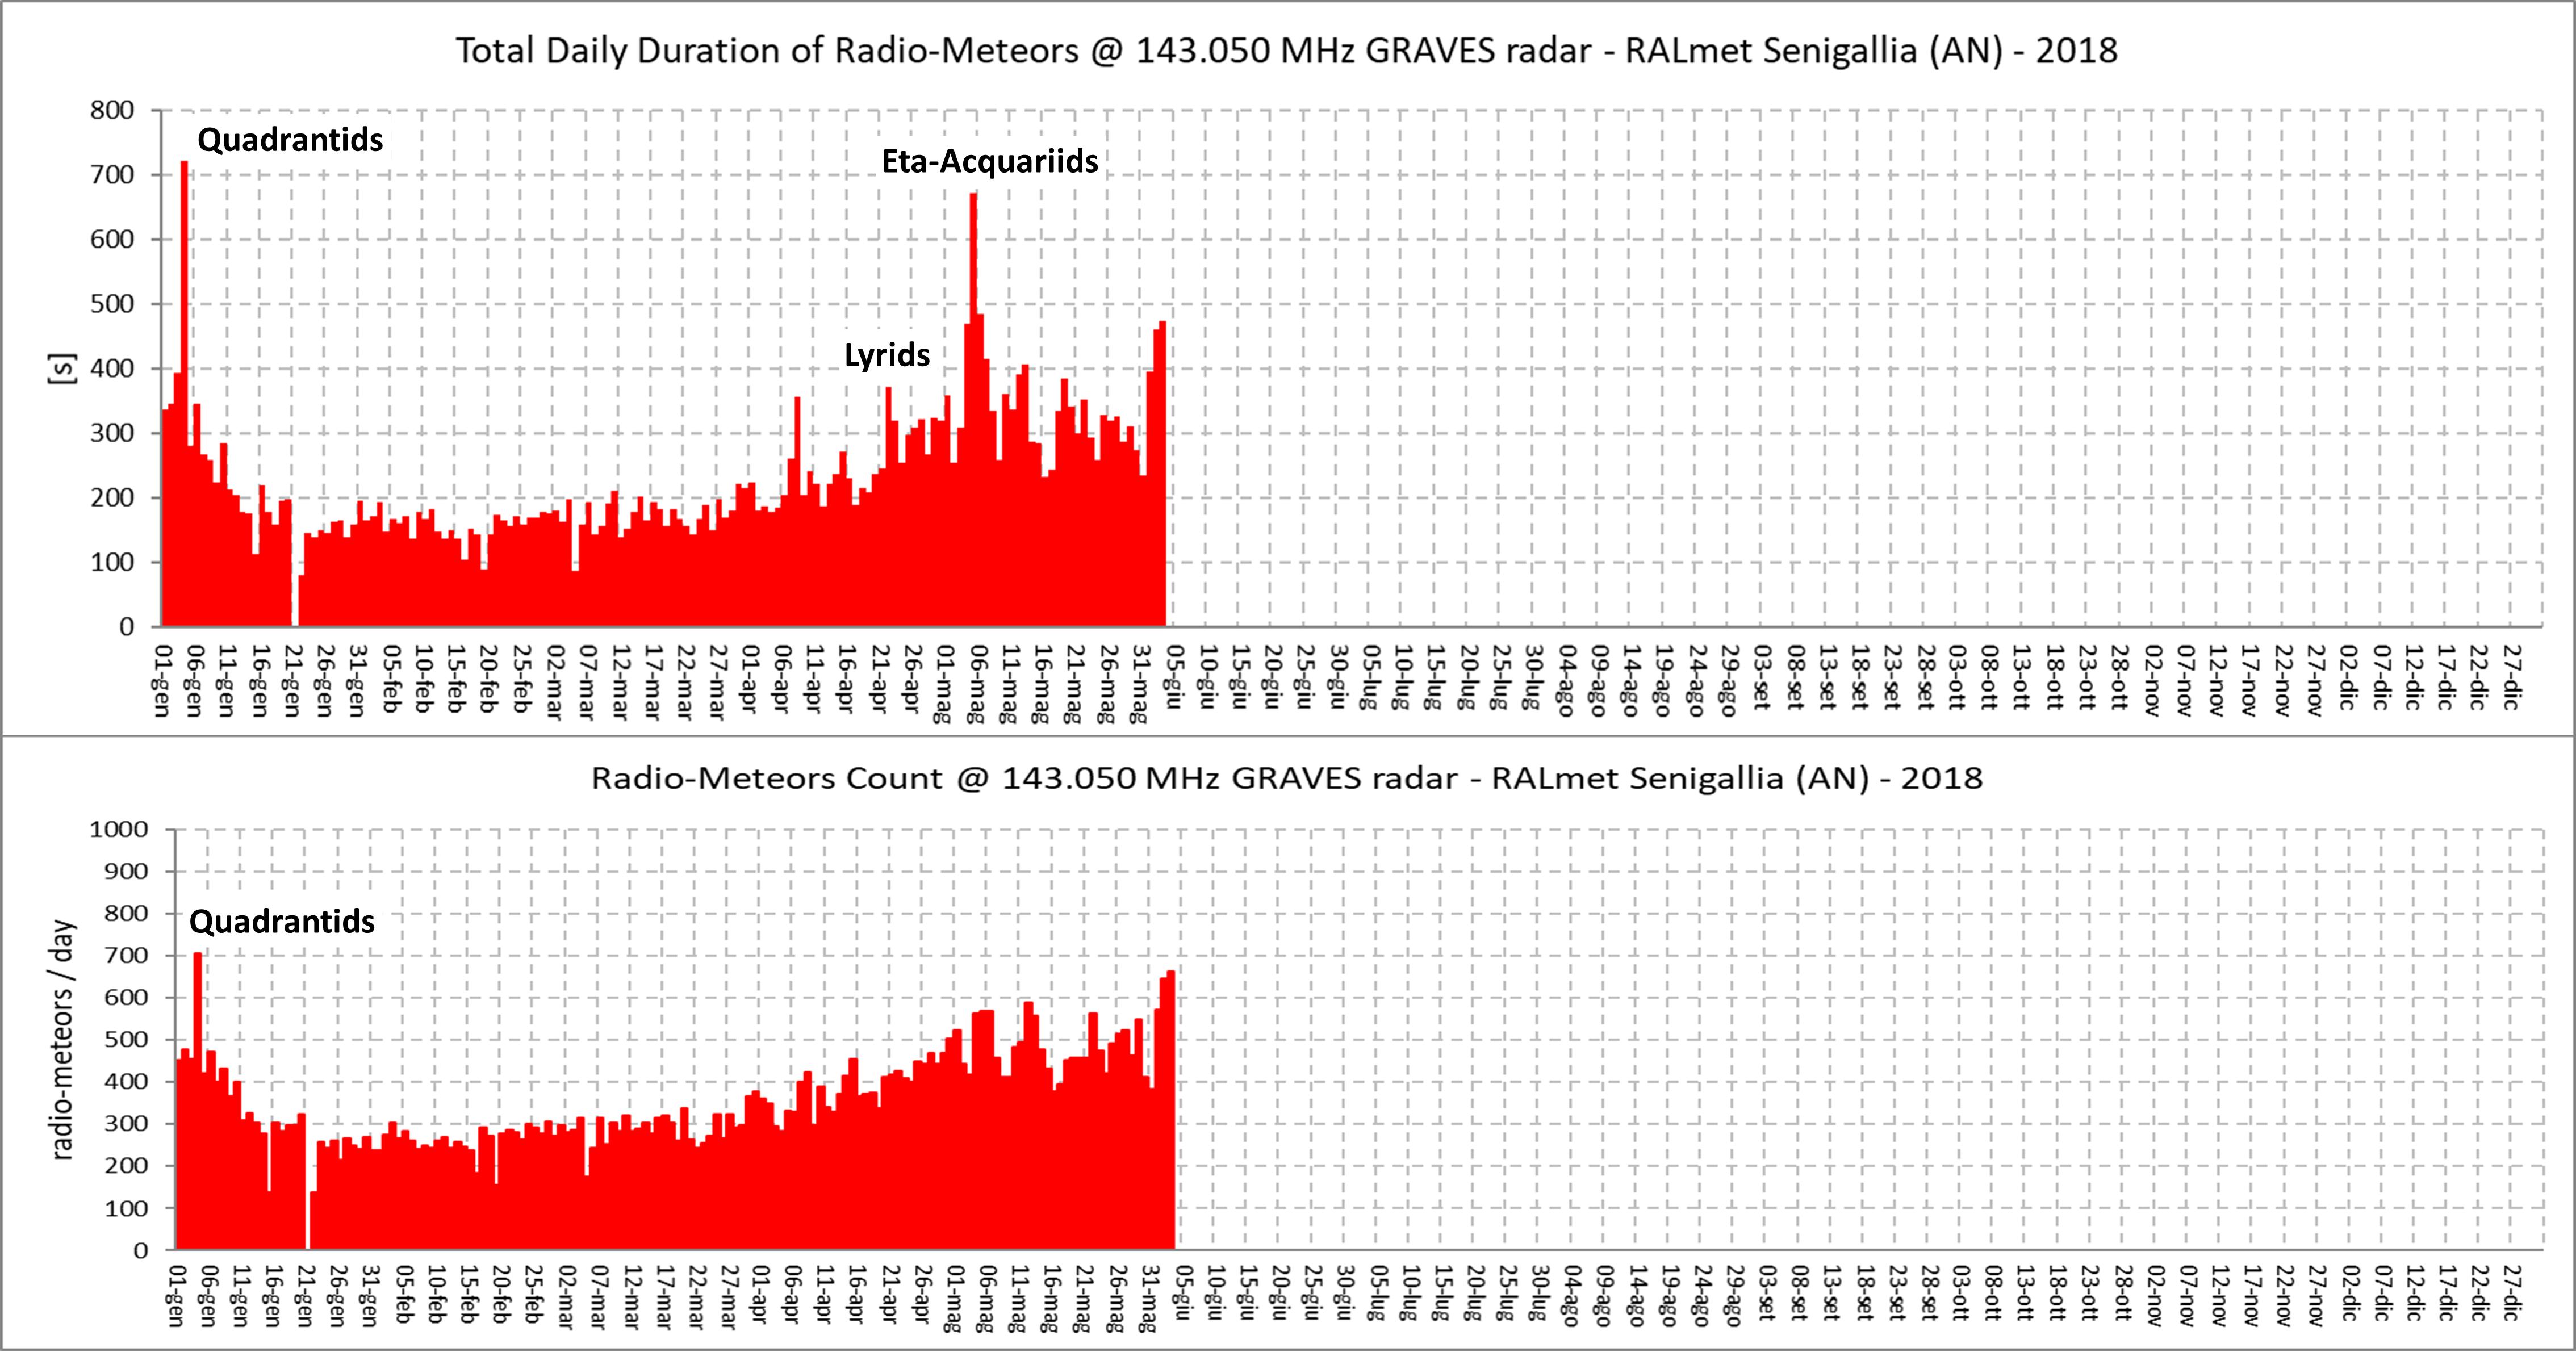 """Attività meteorica registrata dalla stazione <a href=""""http://blog.radioastrolab.com/radiometeore/"""">RALmet</a> dall'inizio dell'anno. Sono confrontati i grafici che riportano la durata giornaliera espressa in secondi (in alto) e il conteggio giornaliero dei radio-echi meteorici (in basso). La durata dei segnali radio riflessi, proporzionale alla massa dei meteoroidi che ogni giorno entra in atmosfera, descrive l'occorrenza dei vari sciami più accuratamente del semplice conteggio degli eventi."""